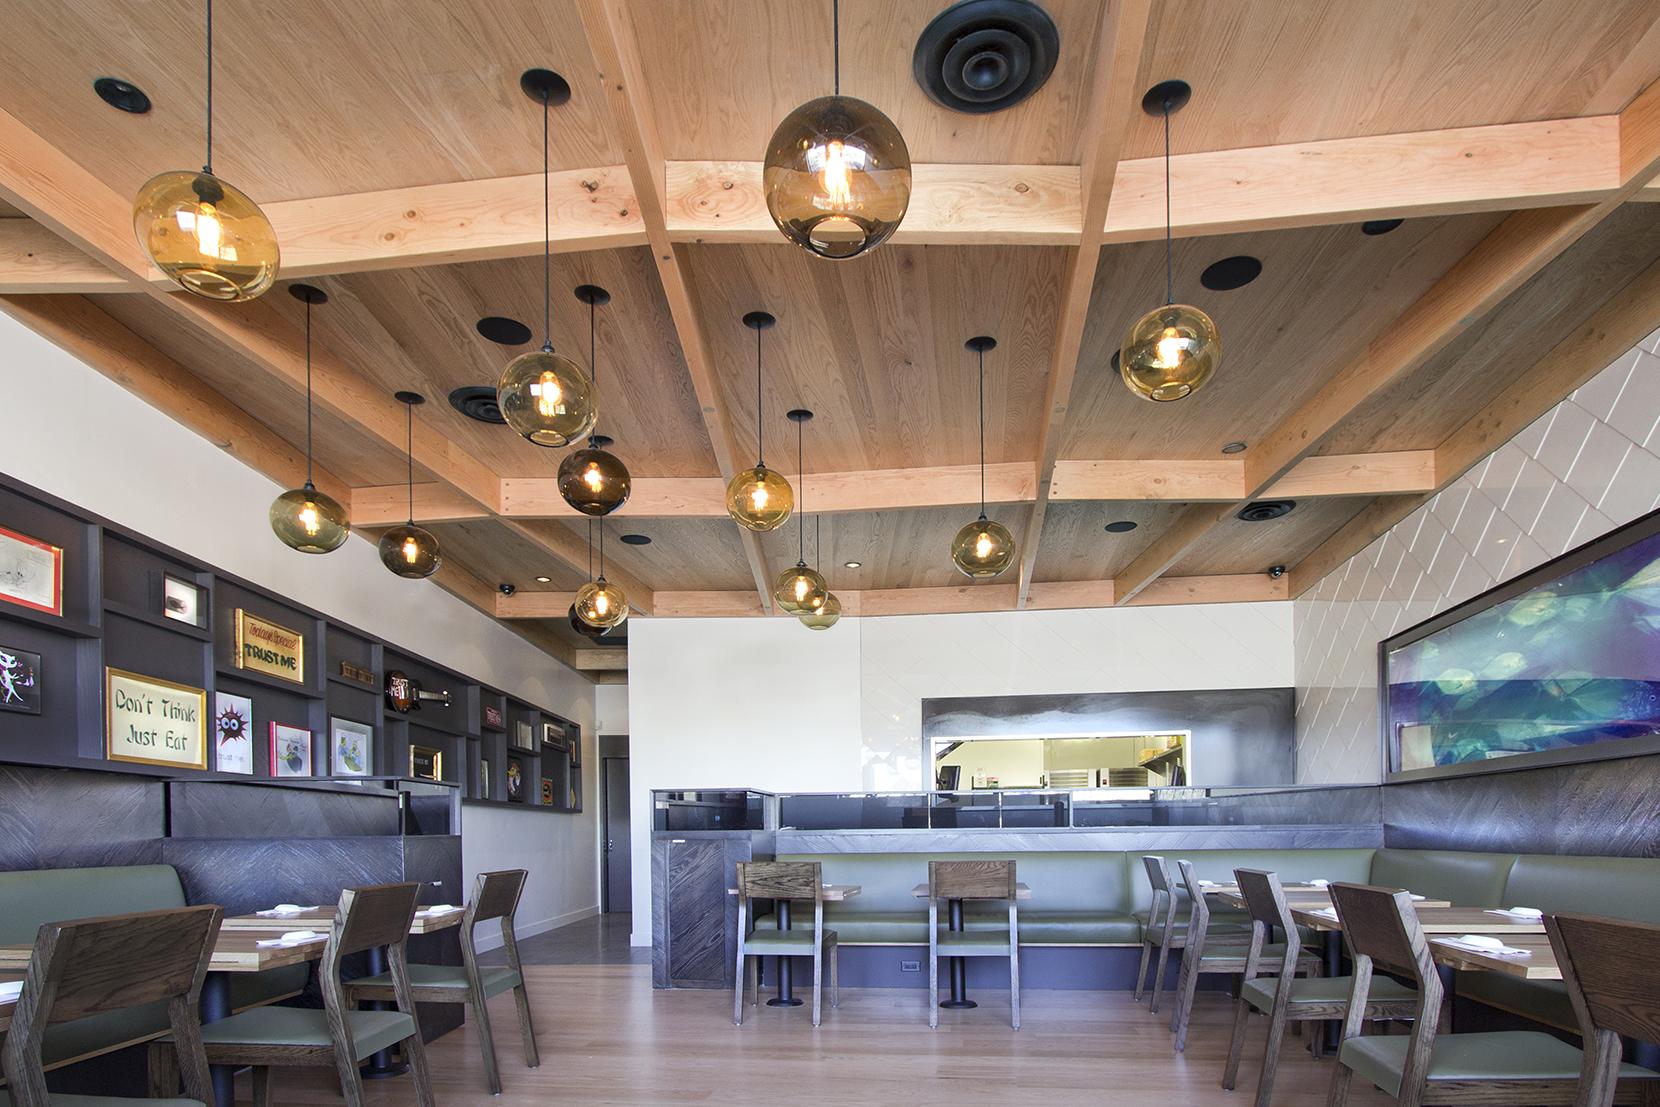 Modern Glass Restaurant Lighting - Solitaire Pendant Lights